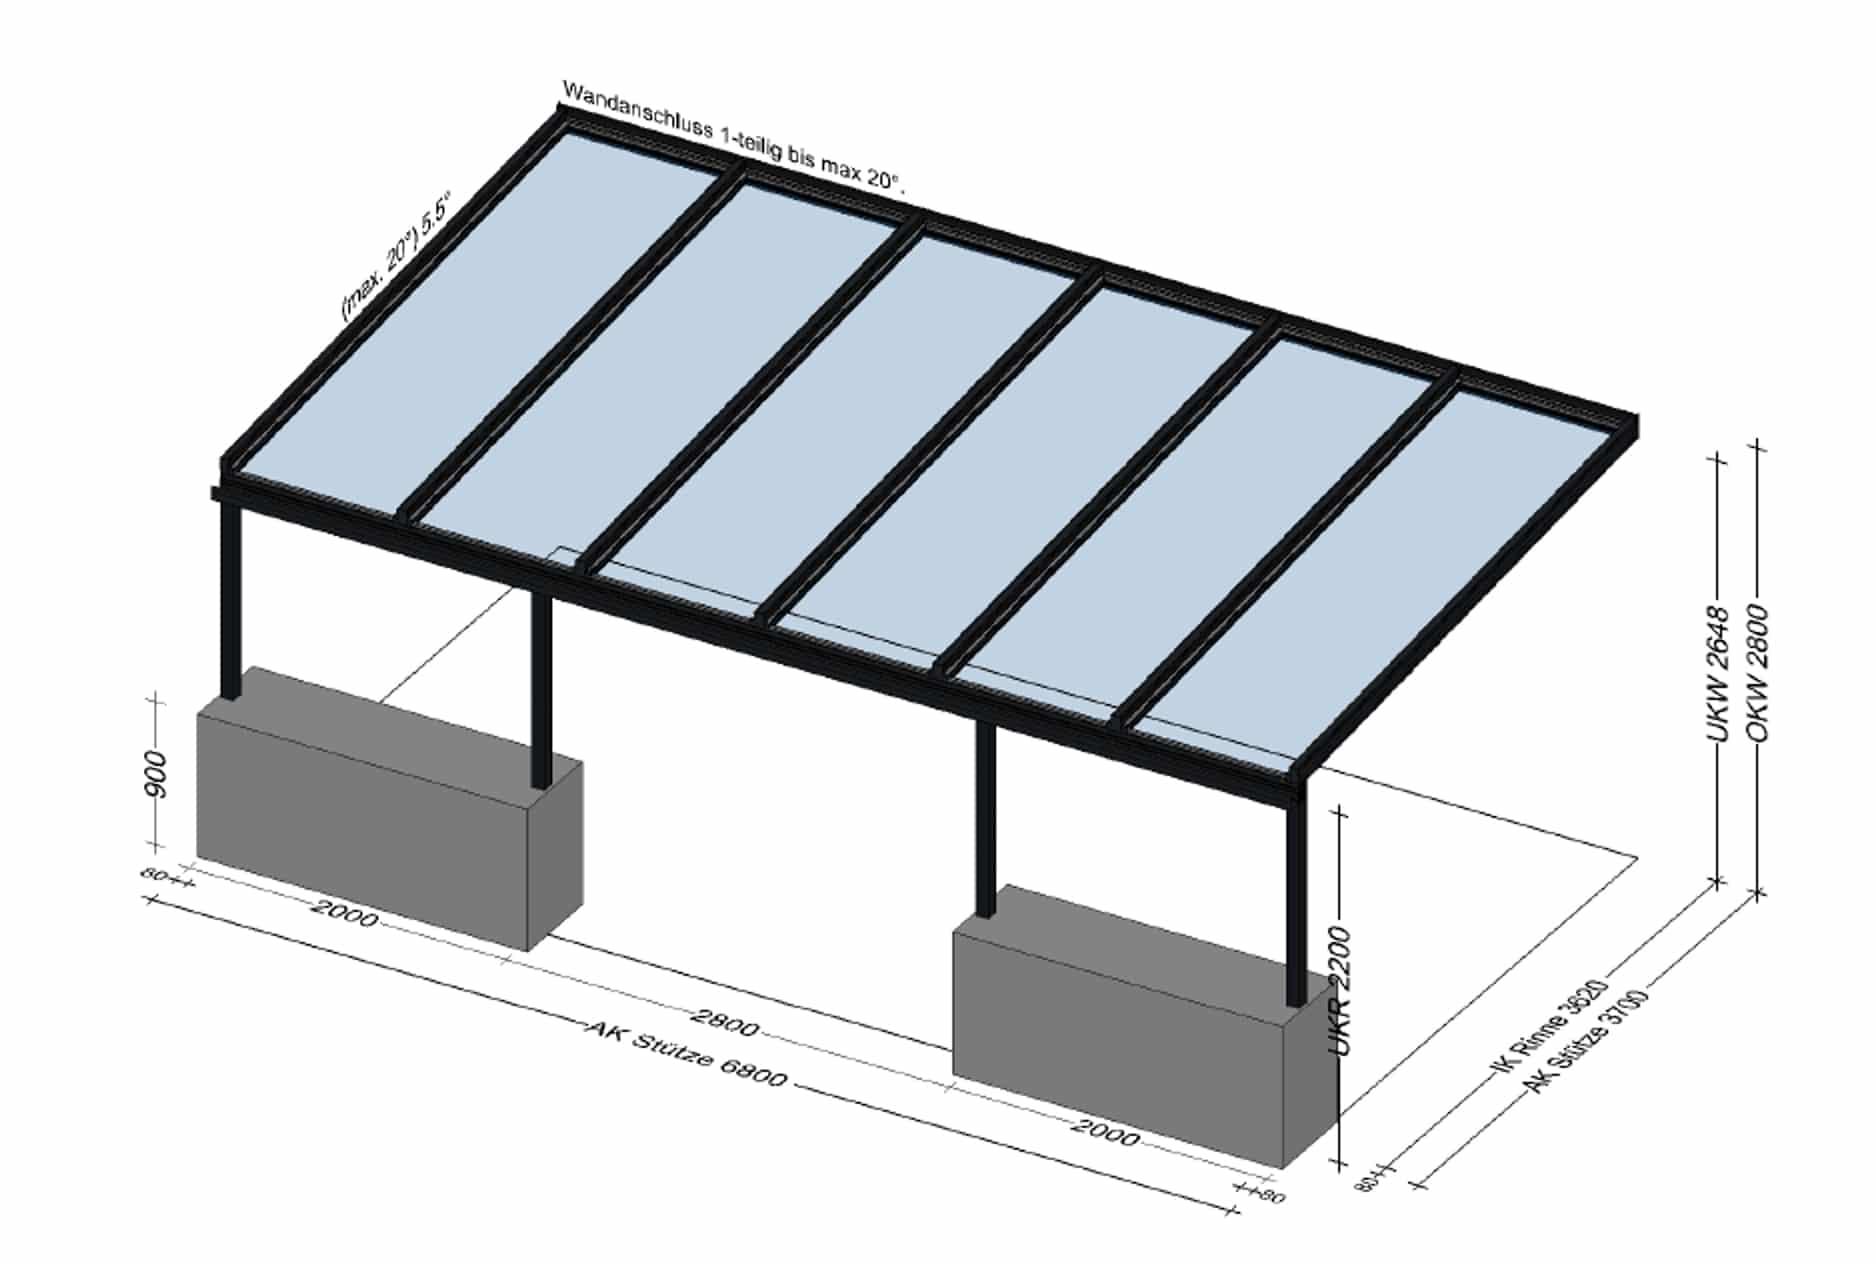 Terrassenüberdachung auf gemauerten Sockel montiert